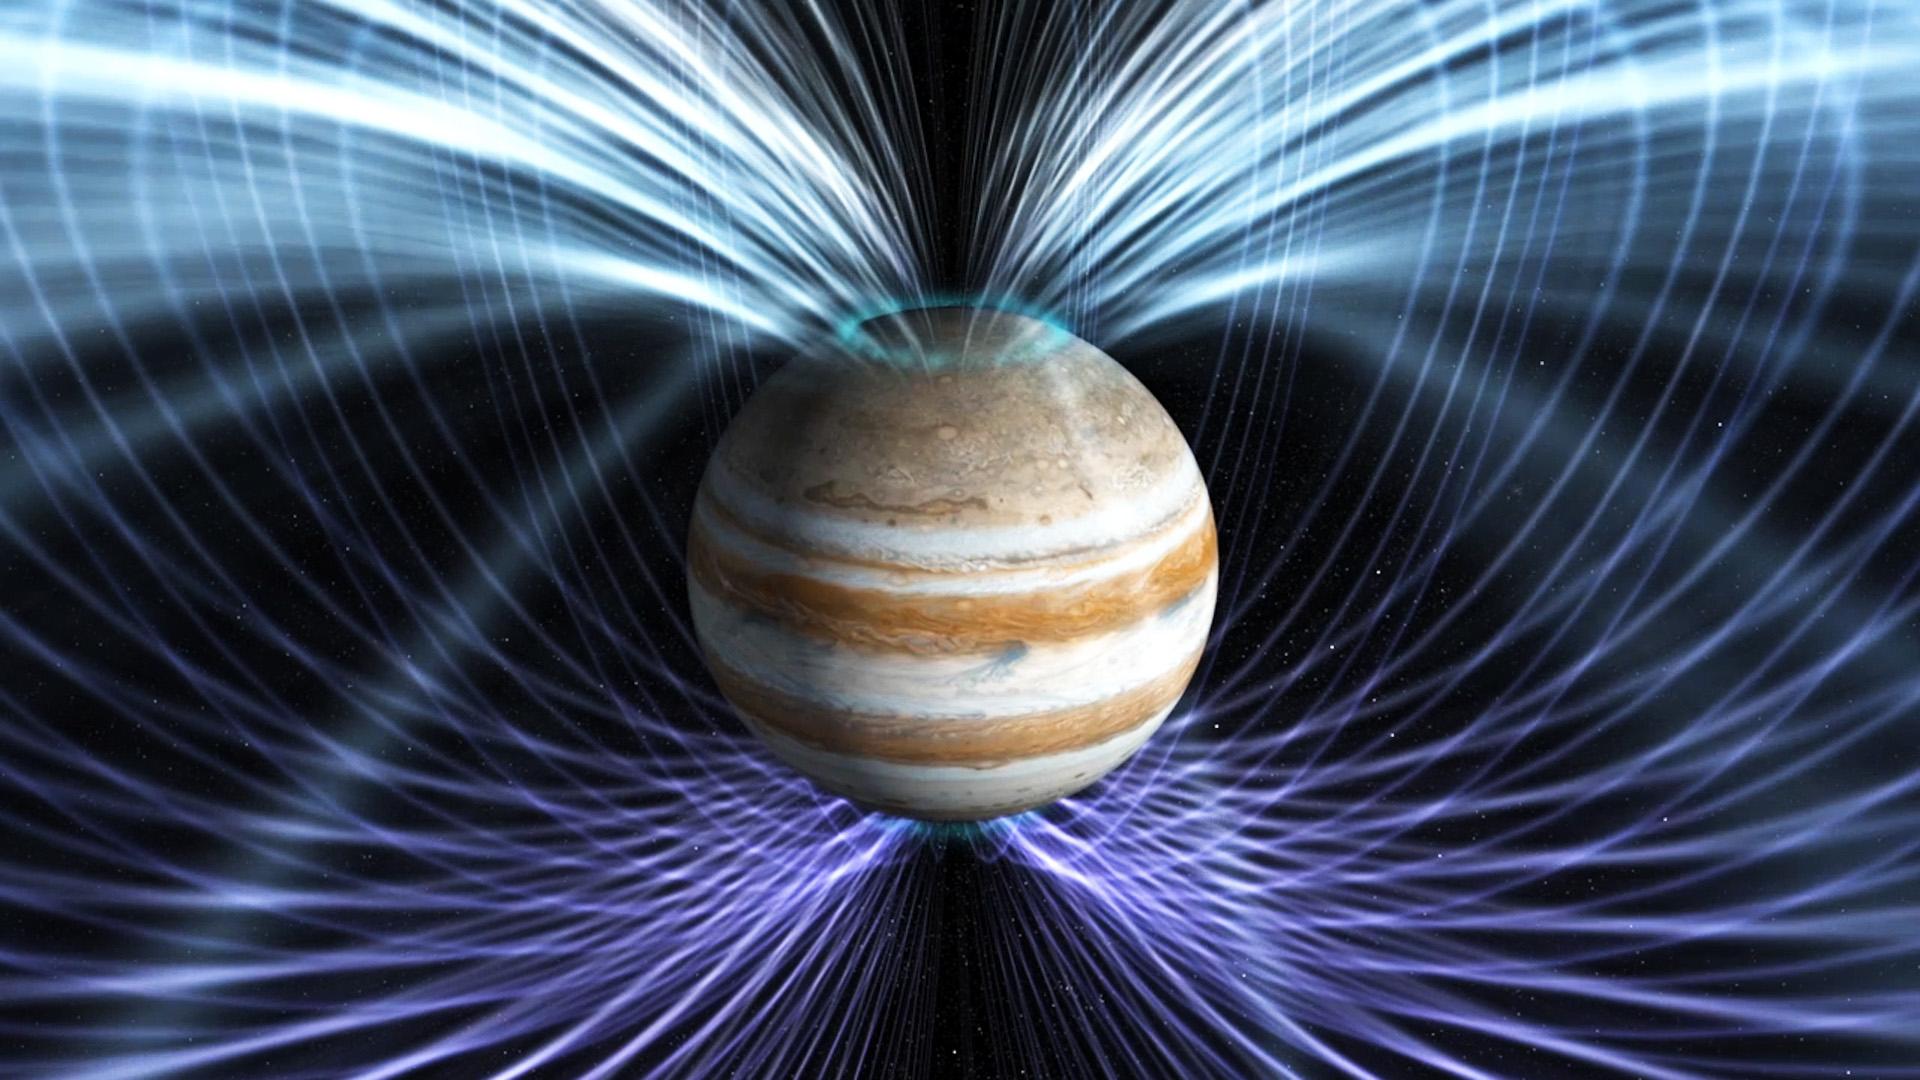 Jupiter's Auroras Exhibit a Strange Asymmetrical Behavior